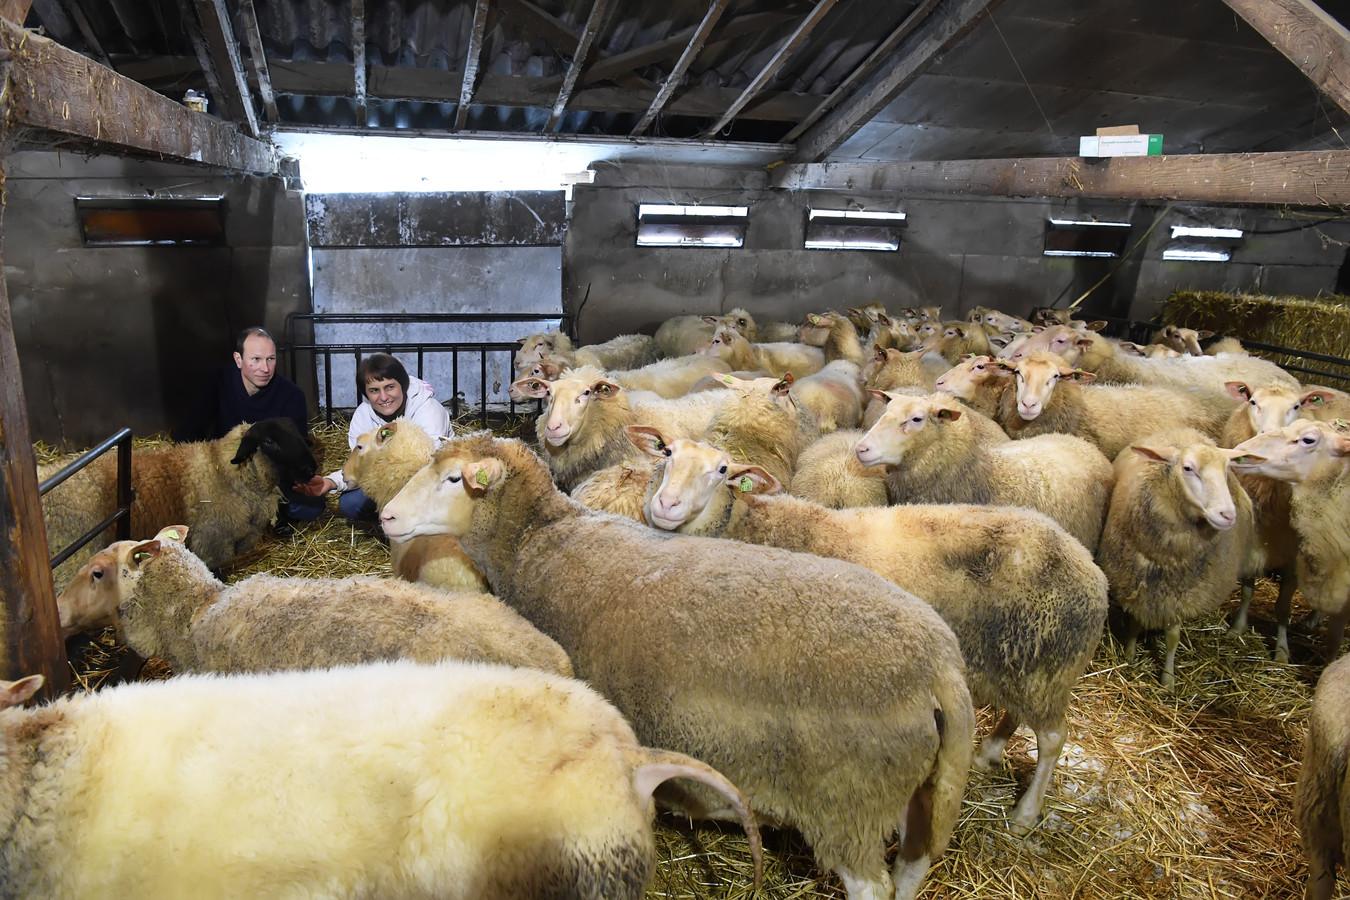 Ruud en Coriene Timmermans van De Schaepsdyck in Gilze bij de schapen. Hoewel er wat sneeuw ligt in de stal, hebben de schapen het niet koud, dankzij hun dikke vacht.